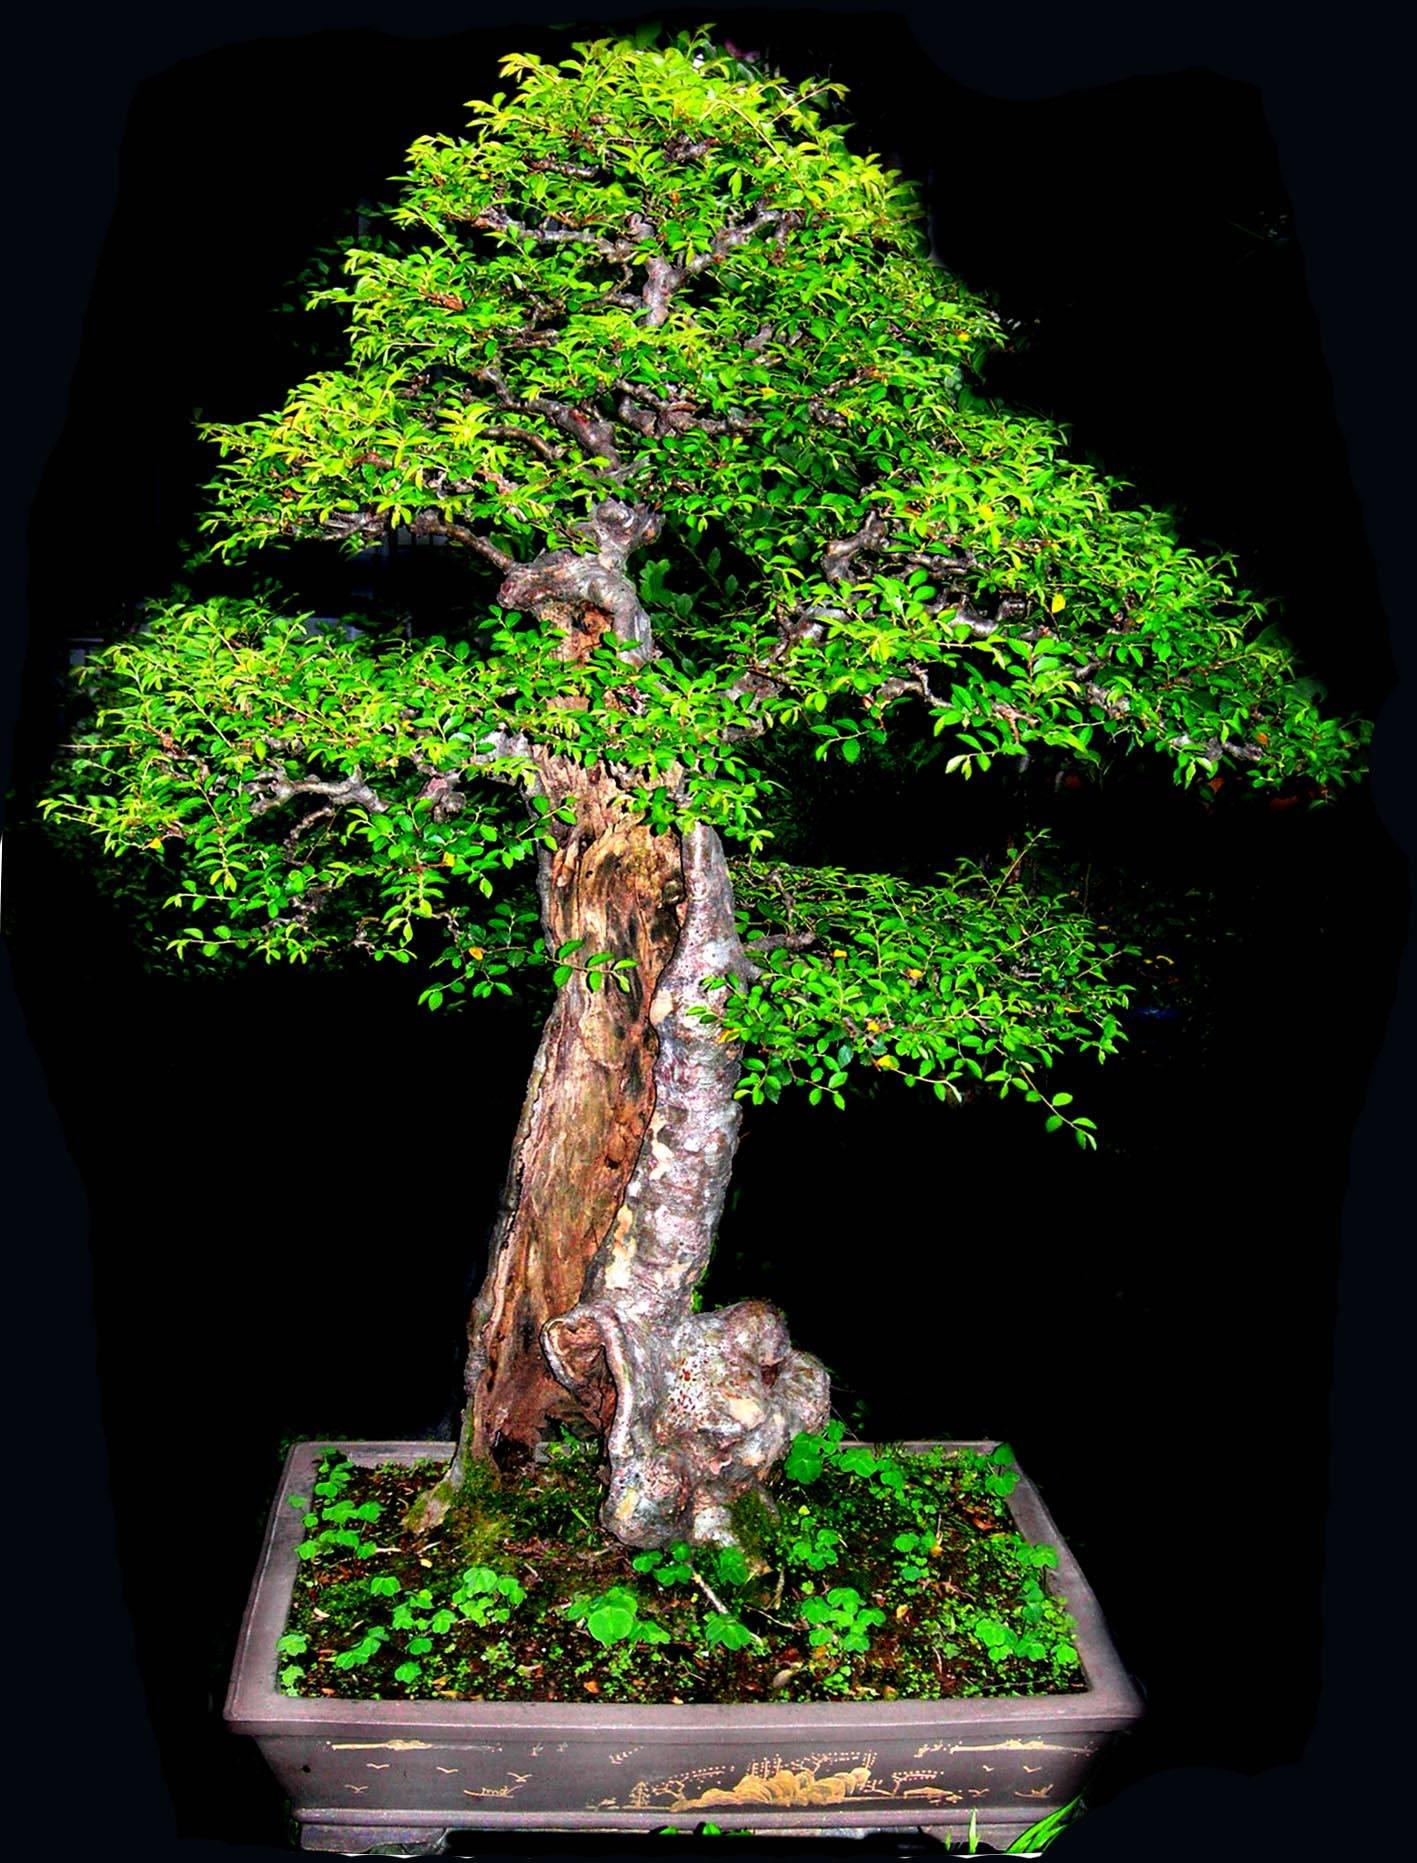 榆树盆景怎样养护管理(图)